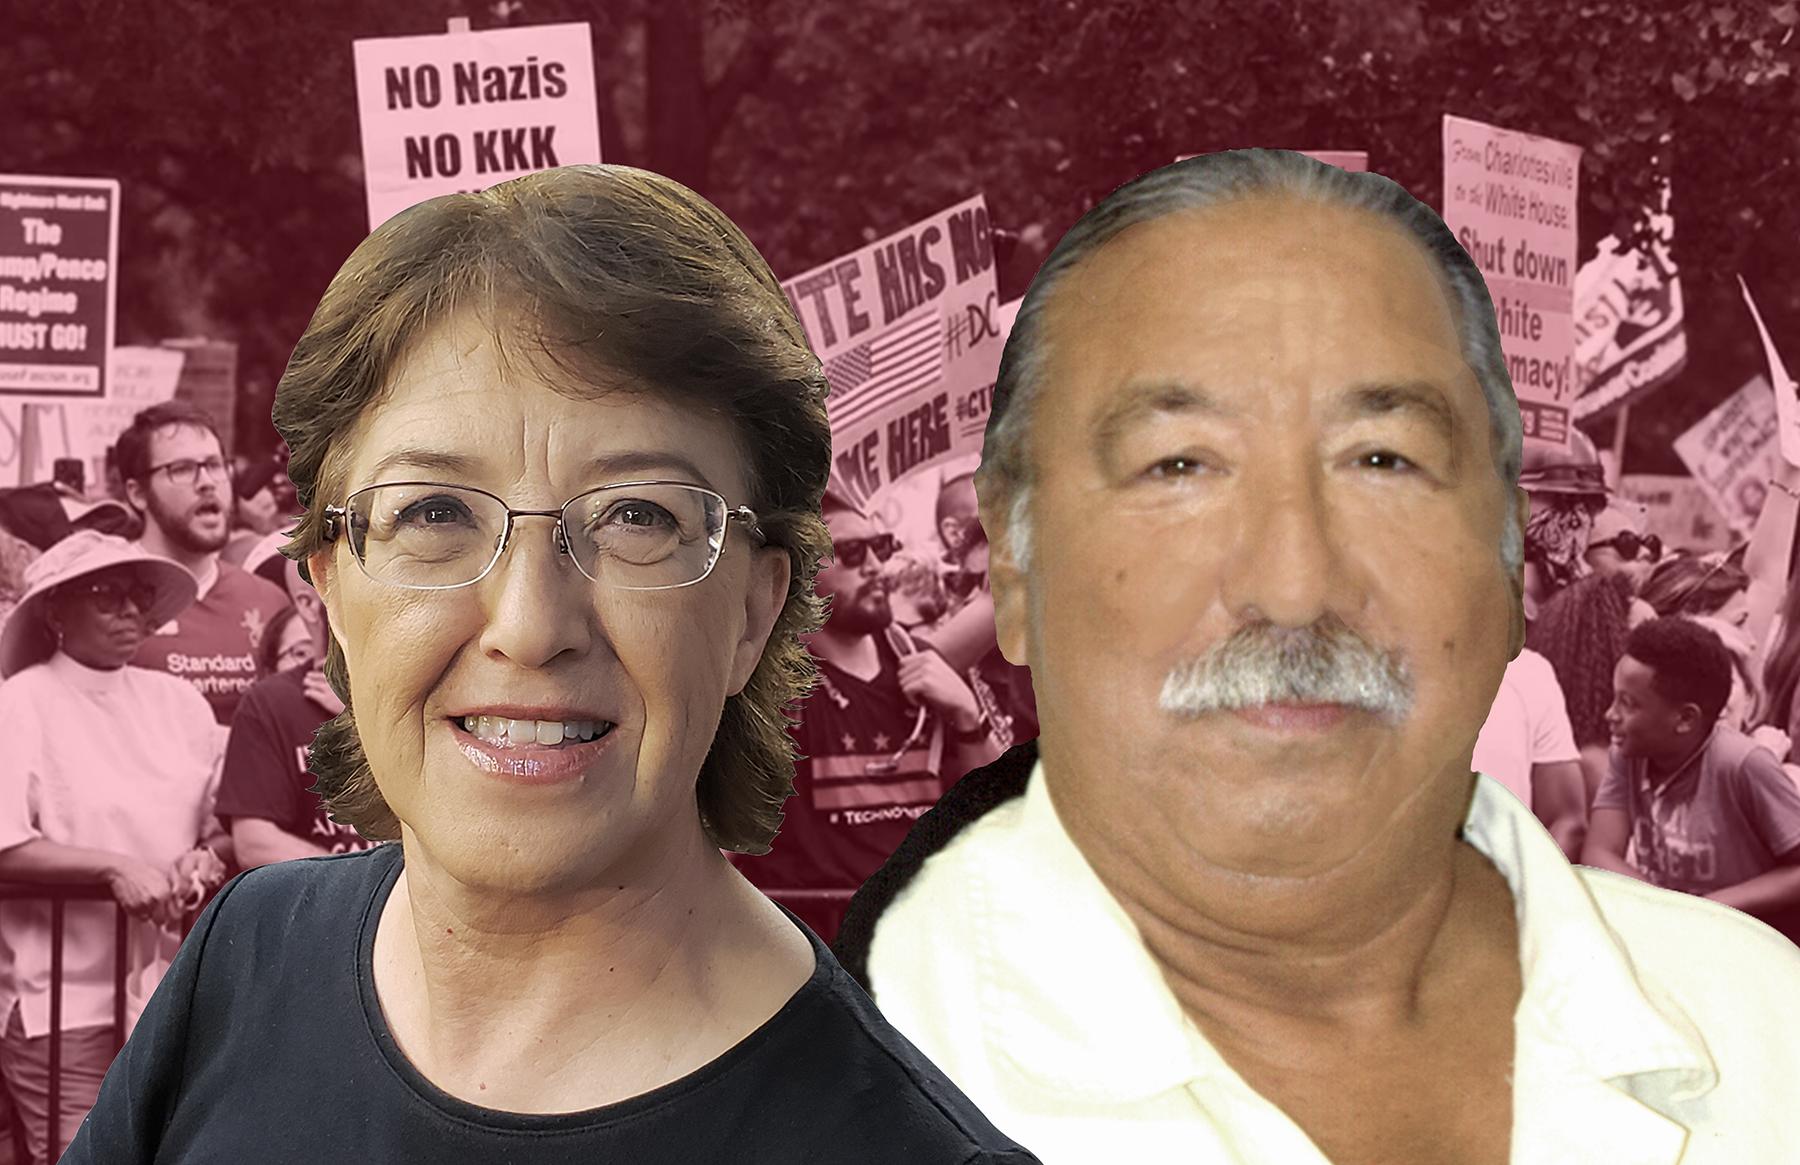 Photo of Campaña presidencial 2020 lanzada: Candidatos socialistas Gloria La Riva y Leonard Peltier